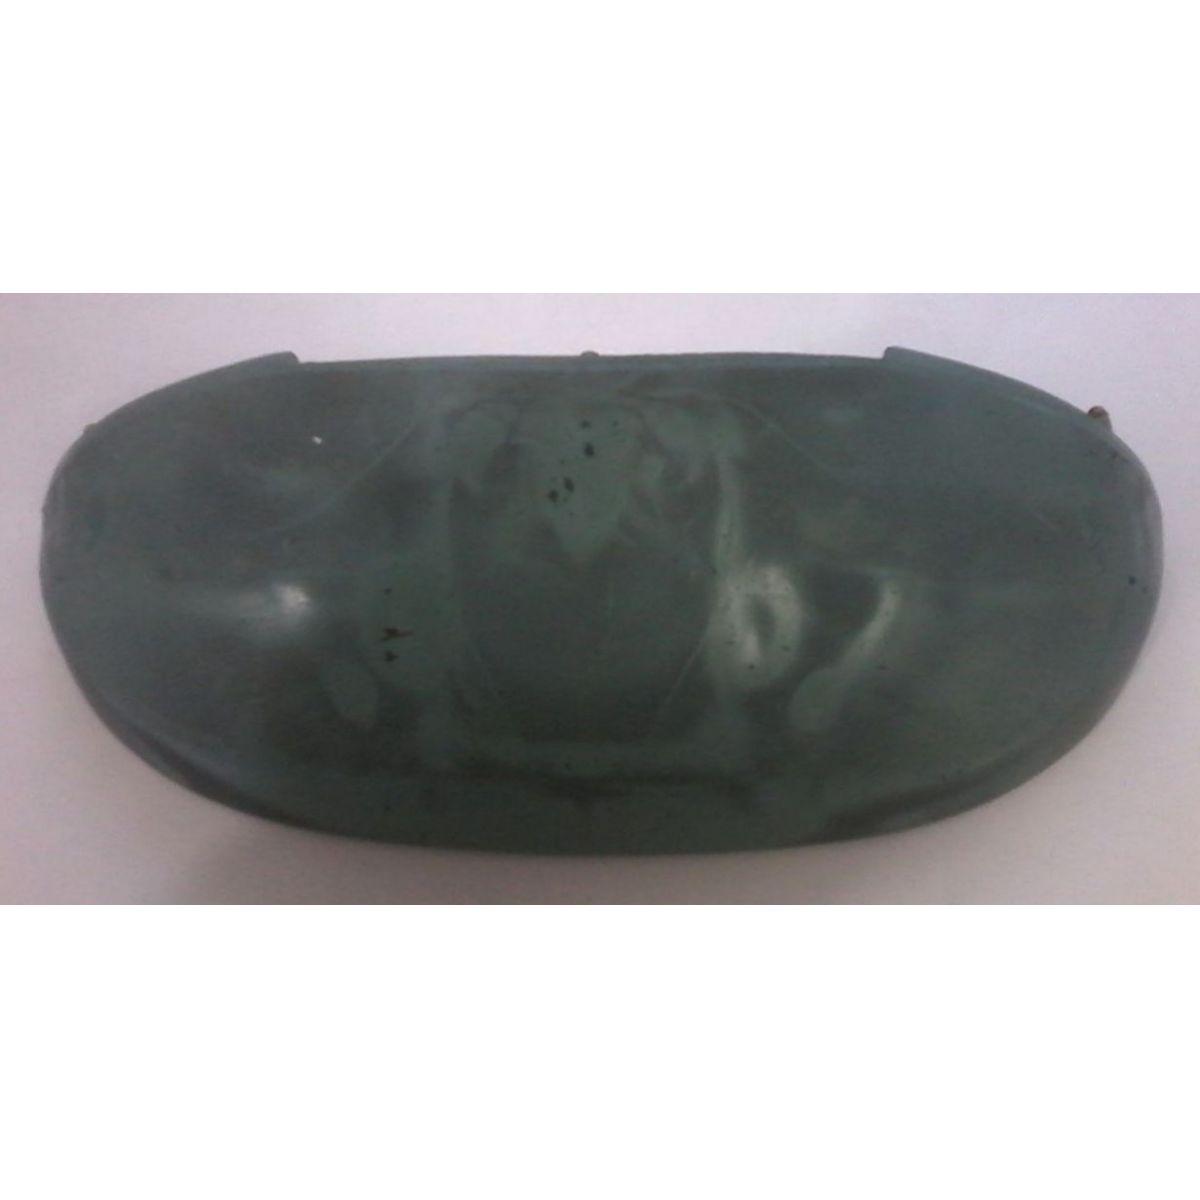 Suporte Carcaça da Lanterna de Placa Fusca 1200 65 a 69  - Amd Auto Peças